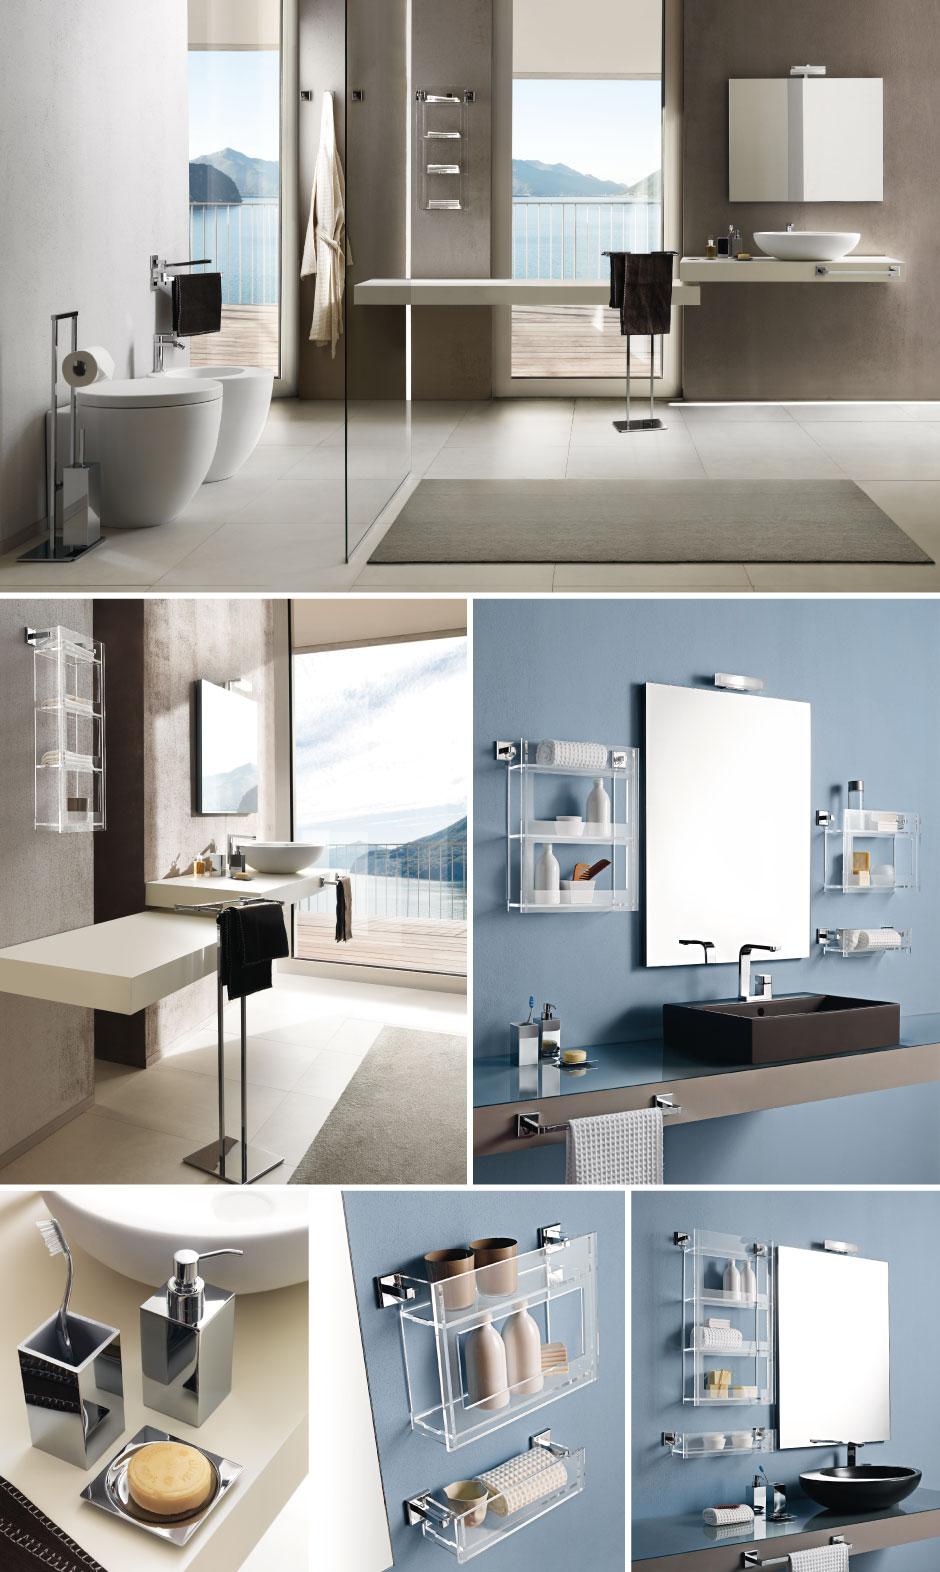 Accessori Per Il Bagno In Plexiglass.Benvenuto Tl Bath Accessori In Plexiglass Per Il Tuo Bagno